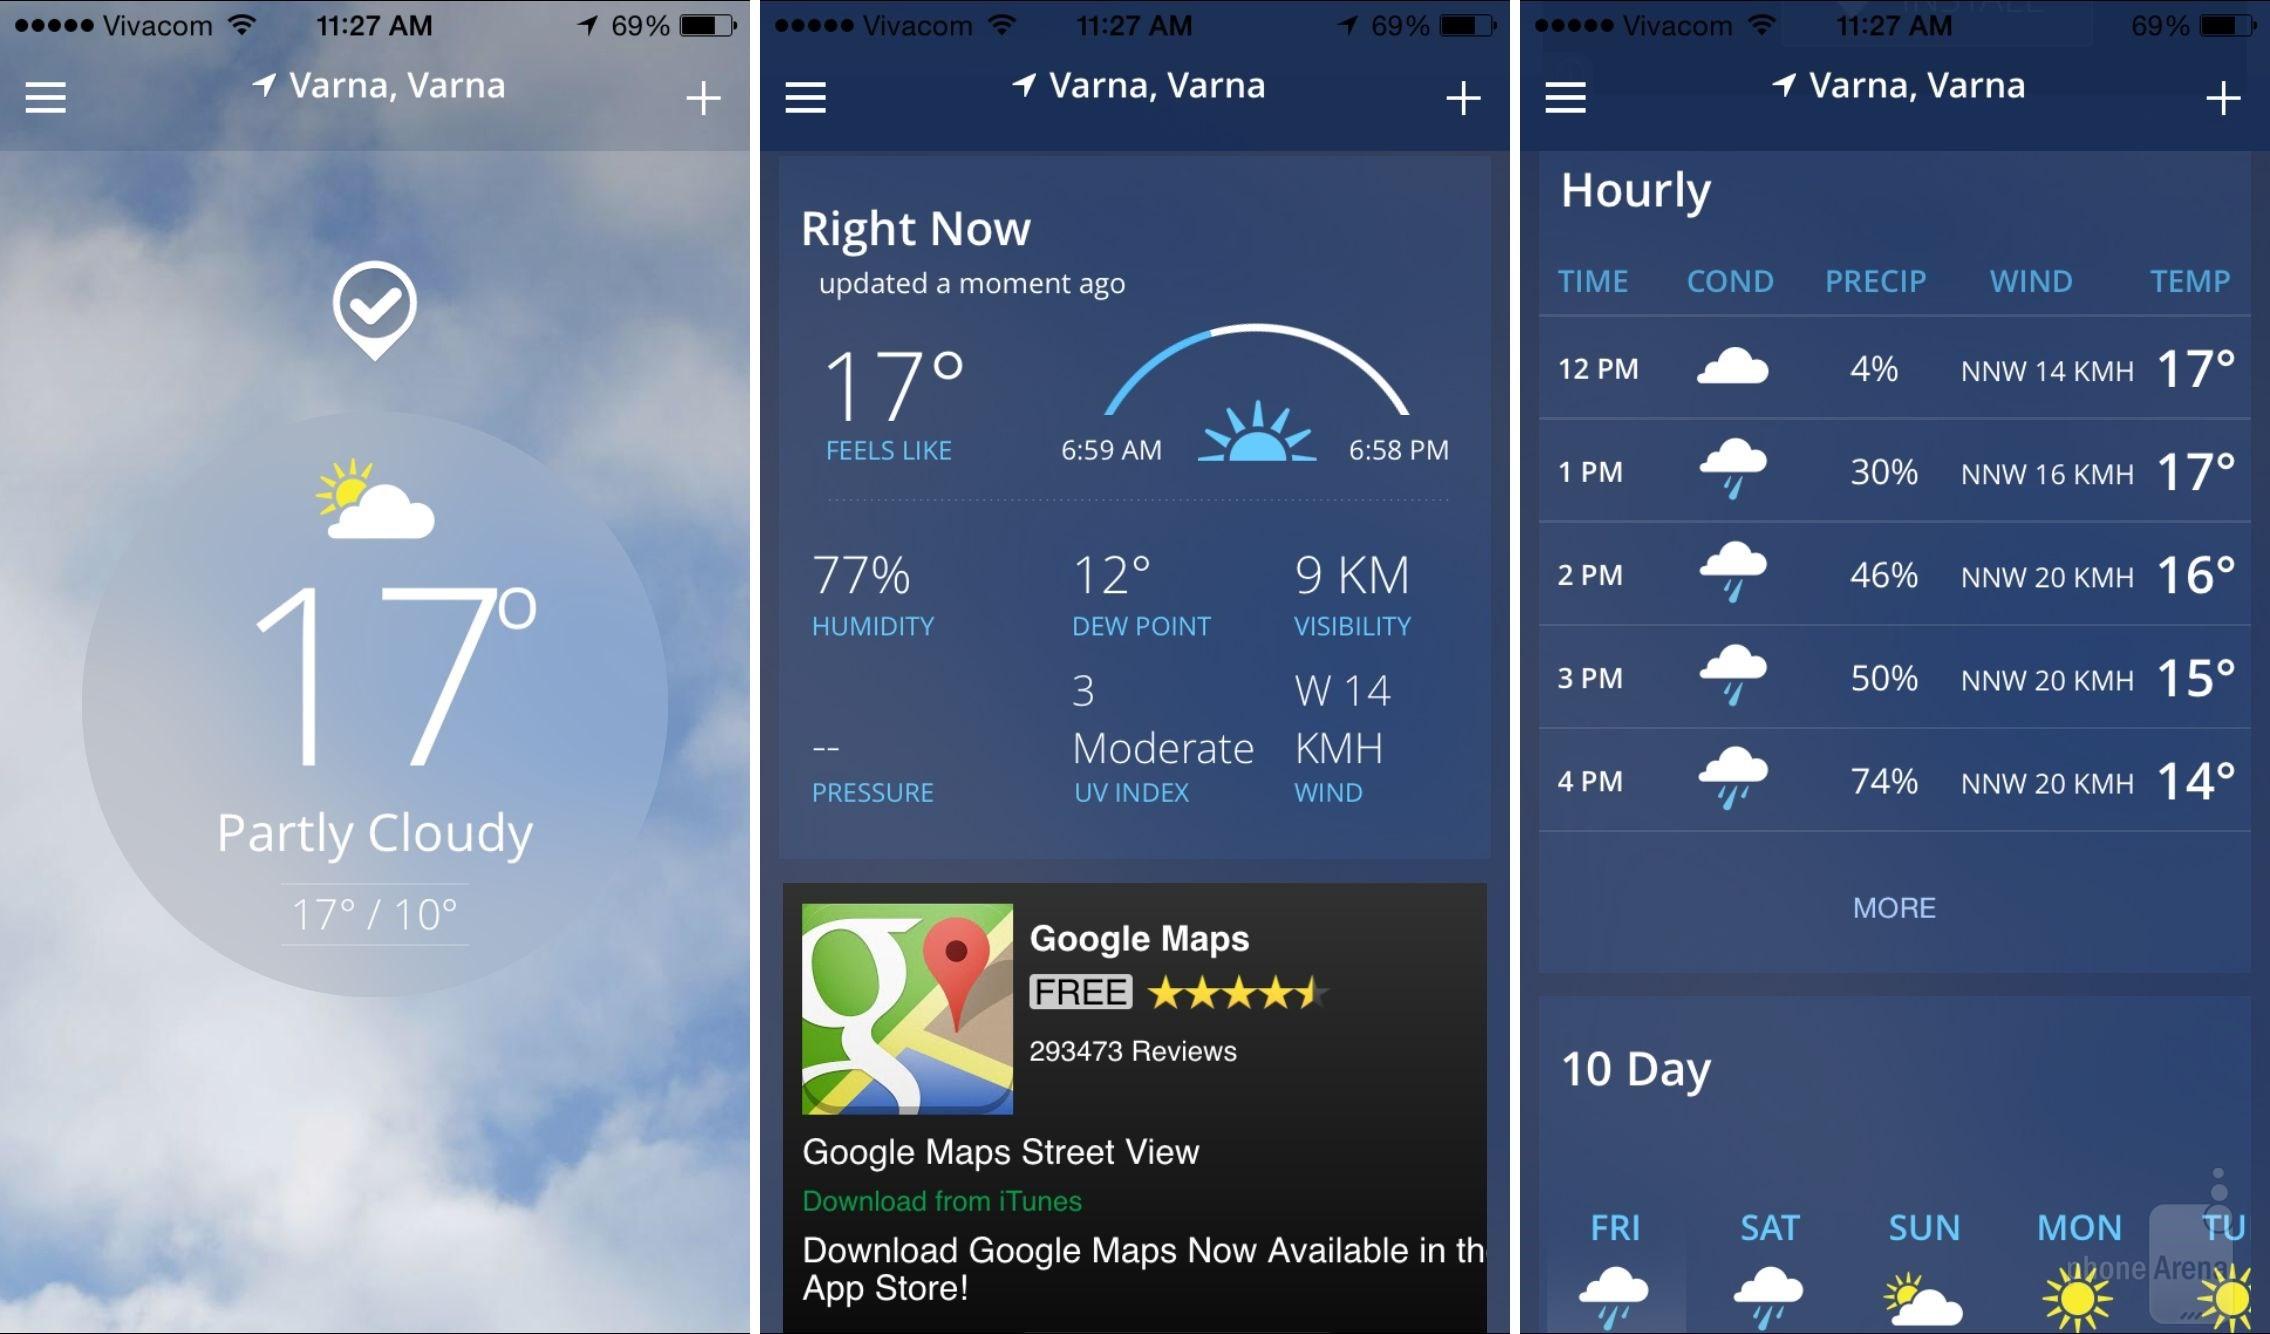 app-the-weather-channel-aplicativos-uteis-e-gratuitos-1